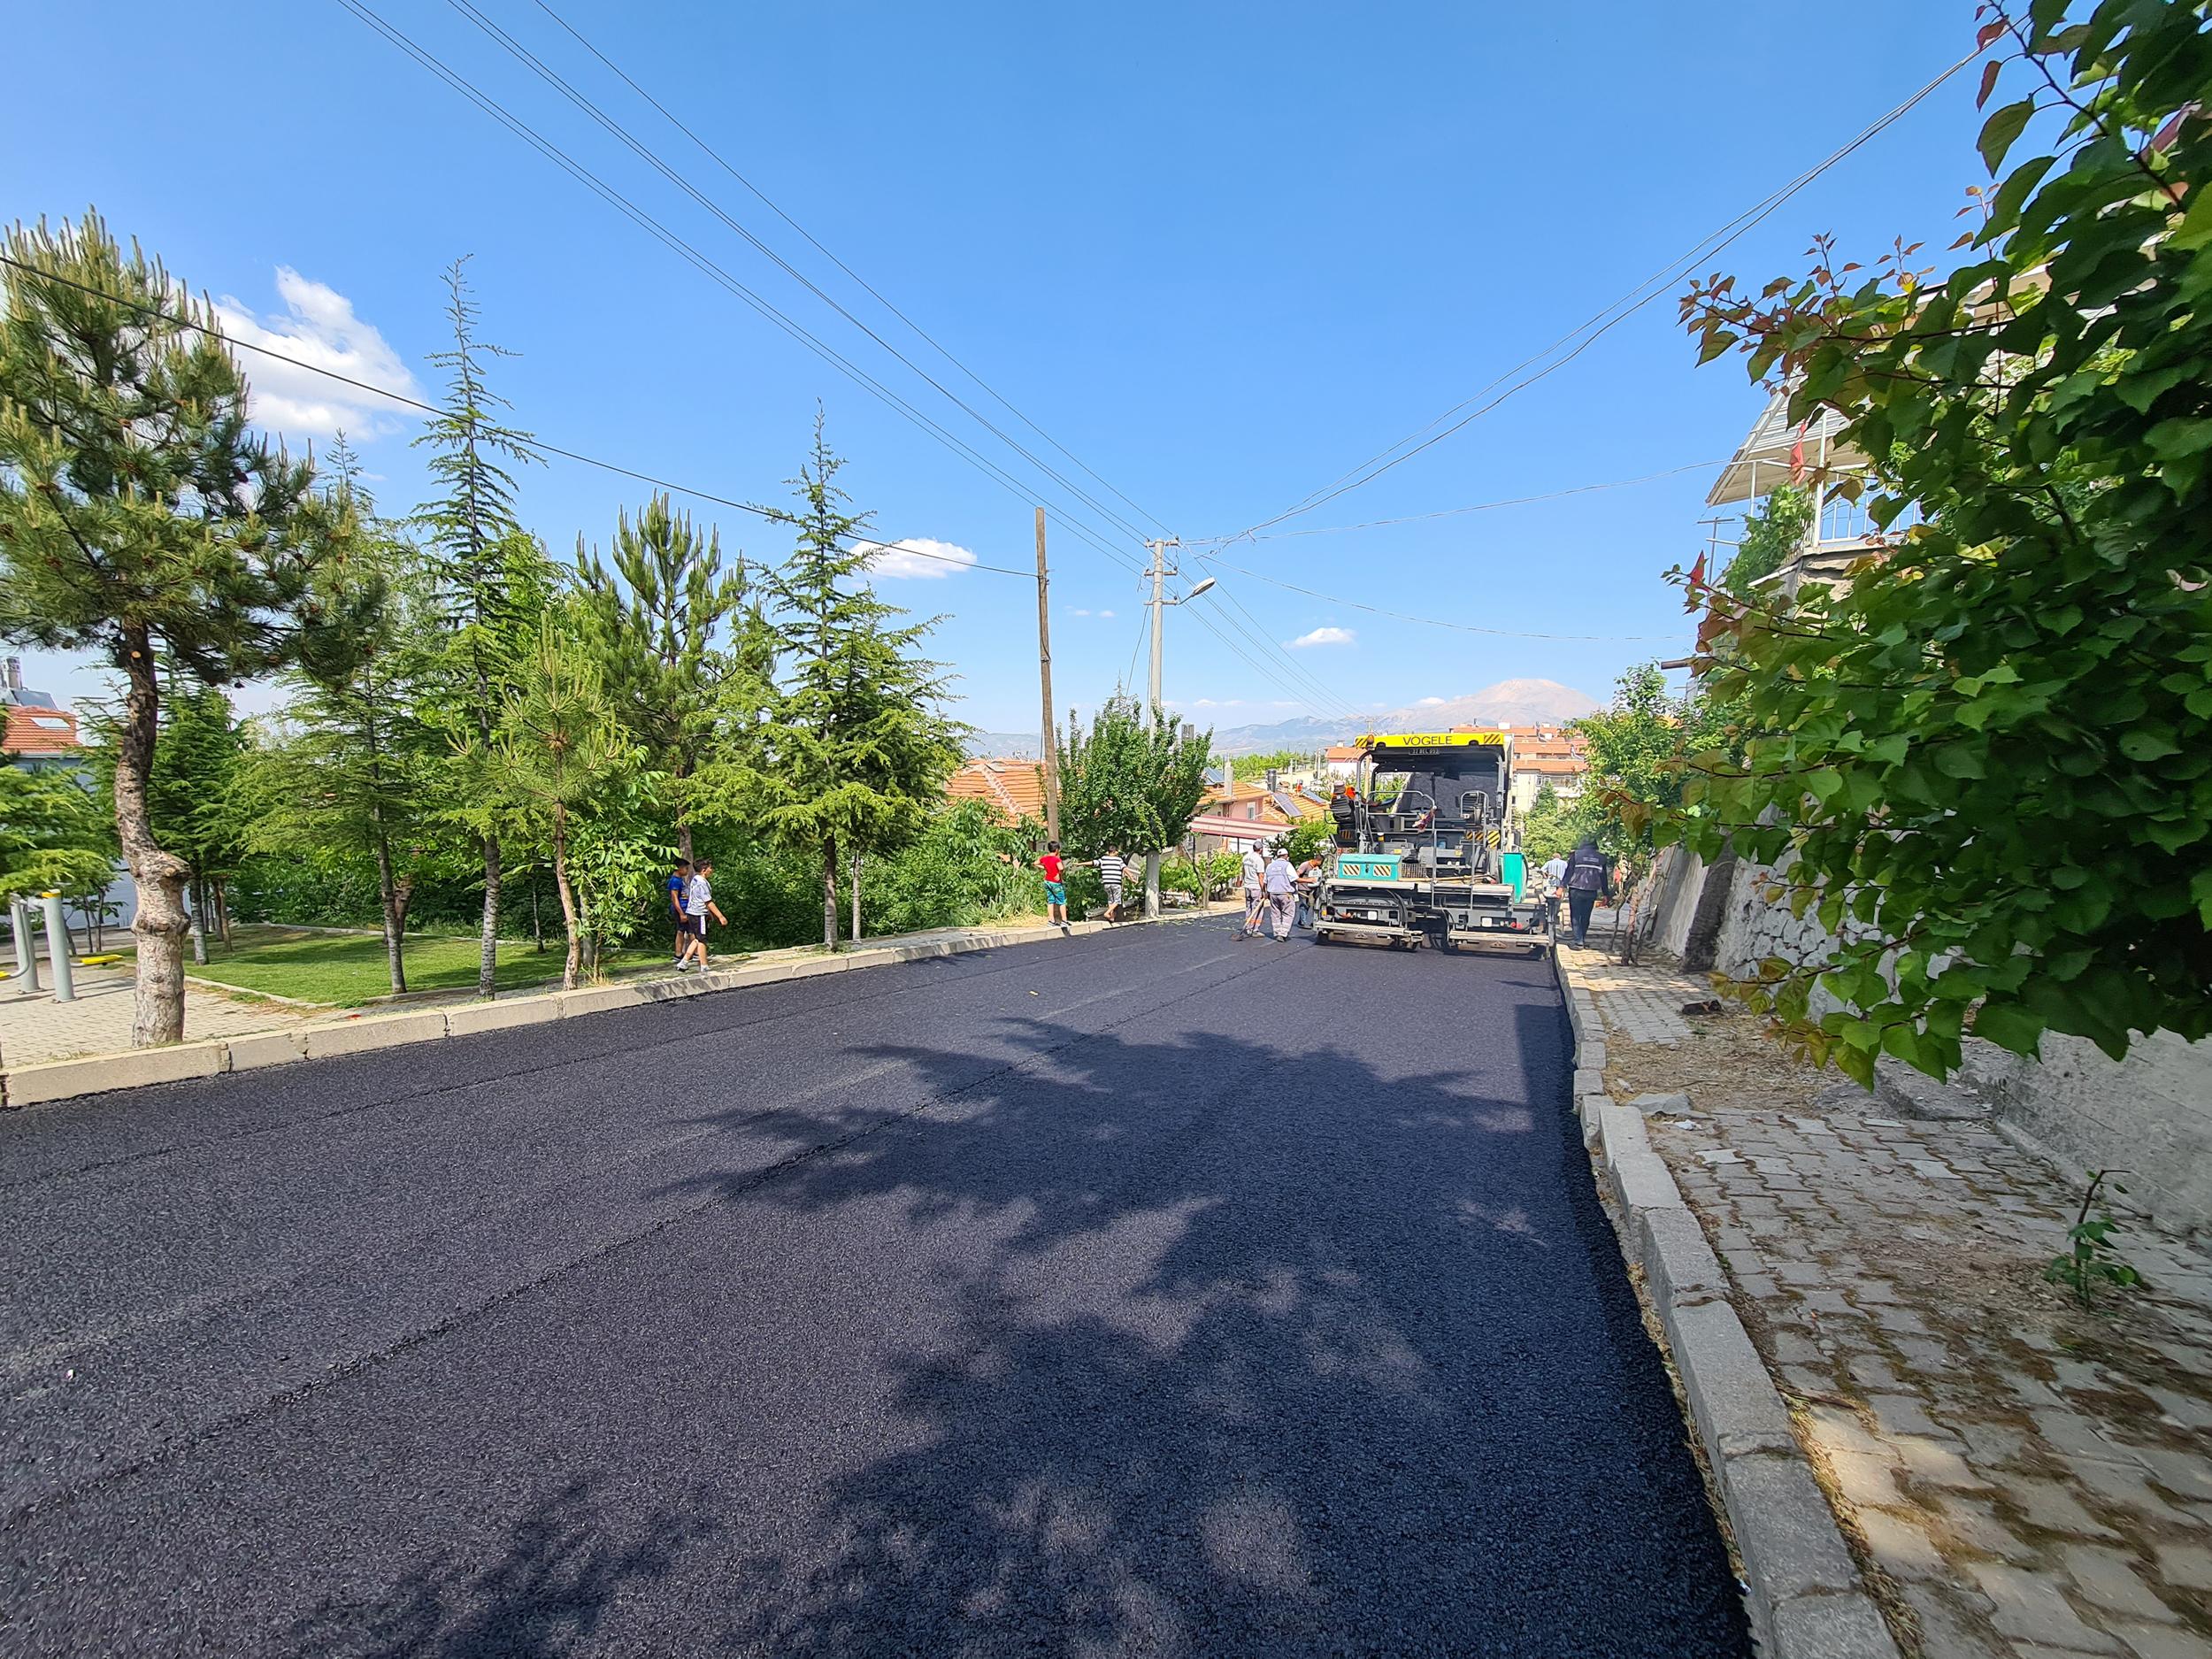 27-05-2021-binbirevler-asfalt-2